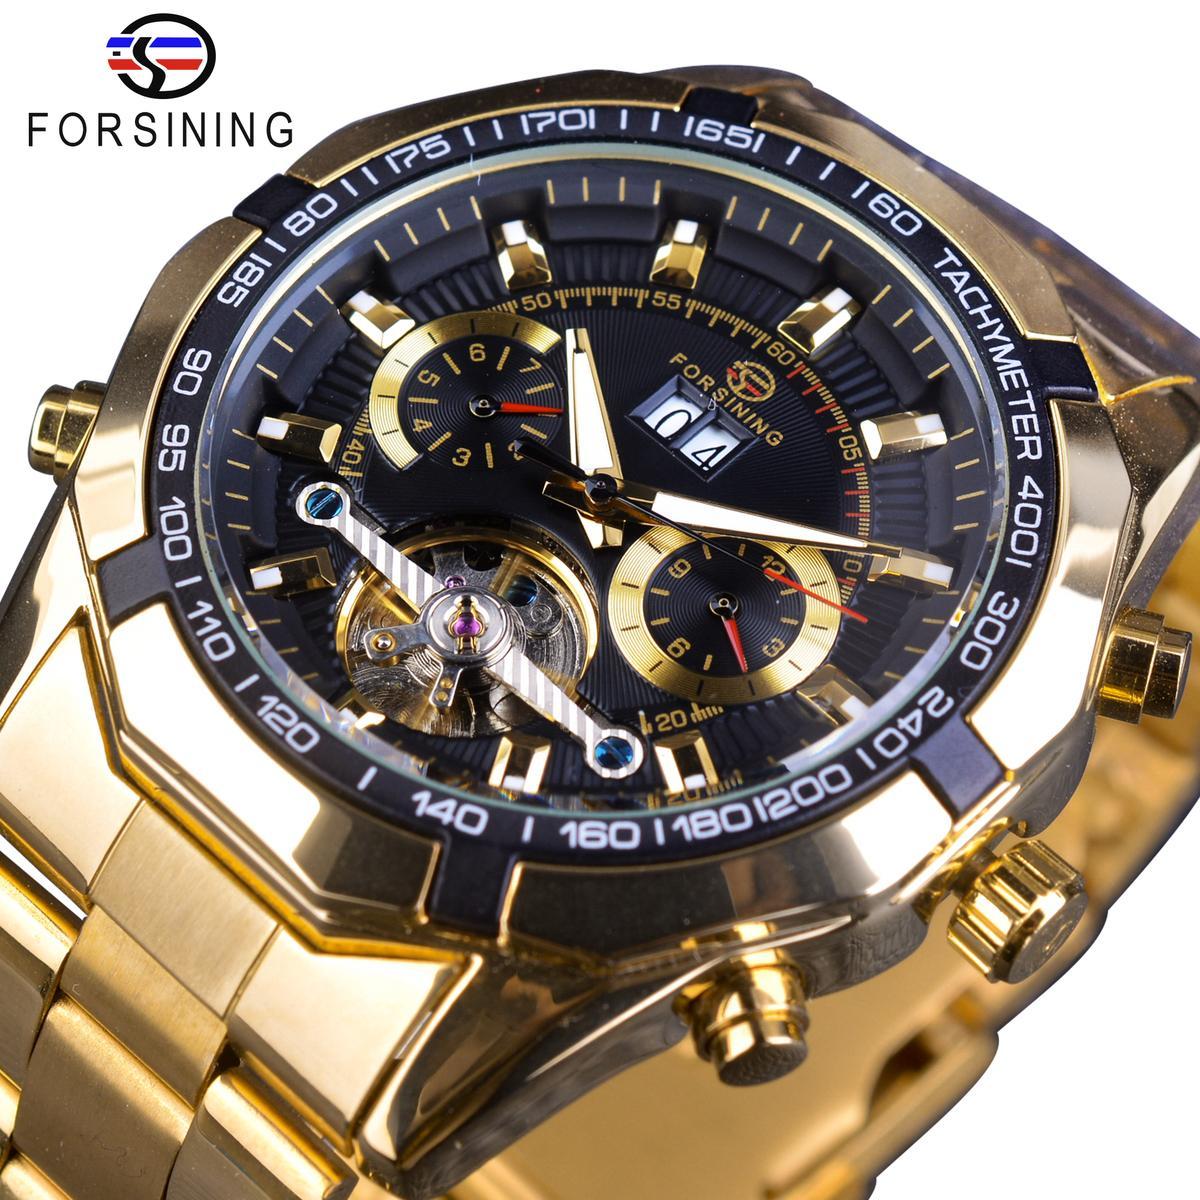 Forsining Relógio Mecânico dos homens Top Marca de Luxo Pulseira De Ouro Relógio de Negócios Relógio de Exibição Mostrador Preto Tourbillion Design S917